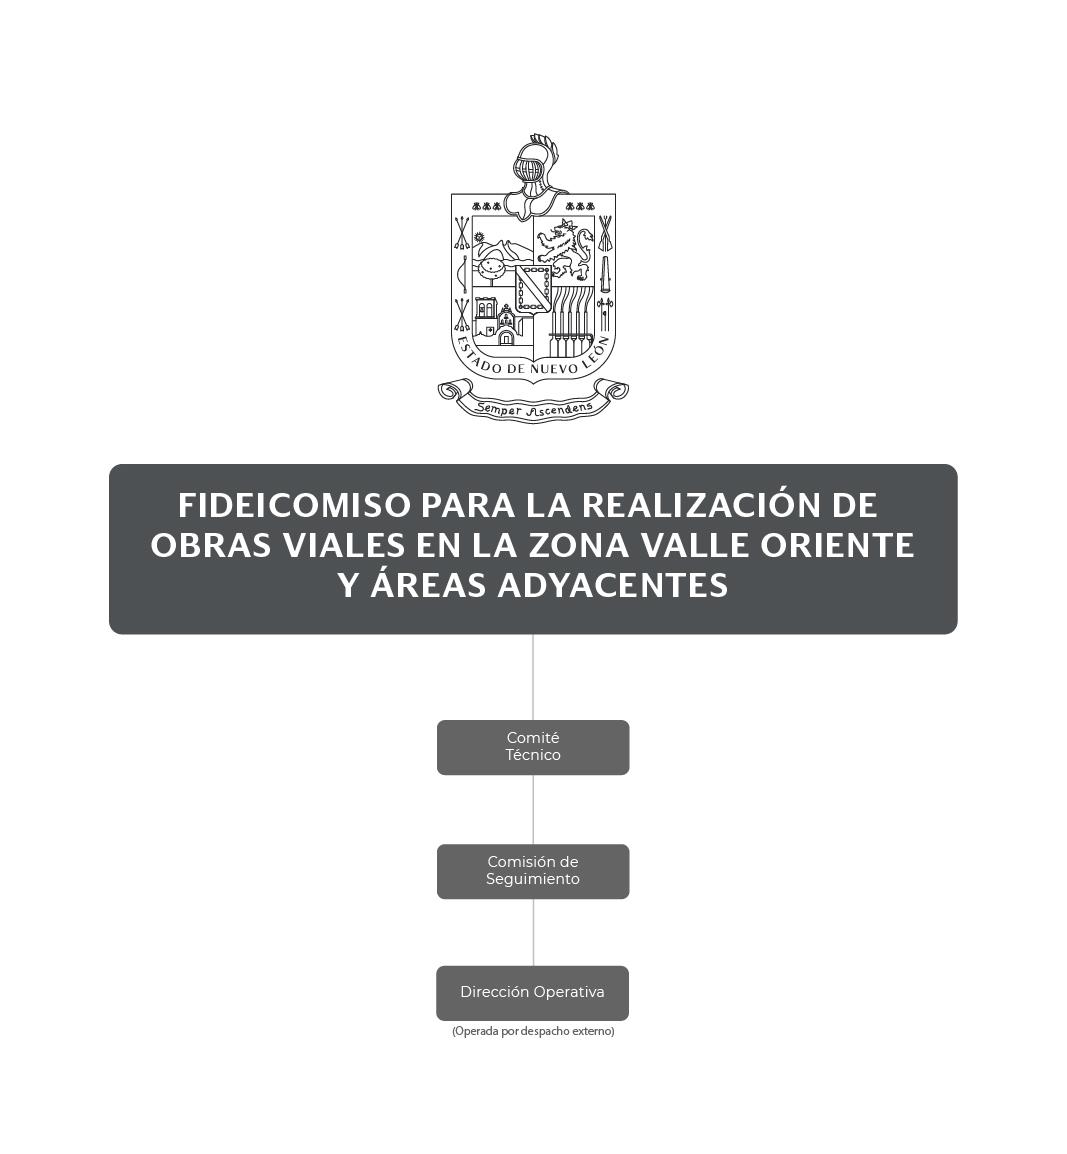 Organigrama del Fideicomiso para la Realización de Obras Viales en la Zona Valle Oriente y Áreas Adyacentes